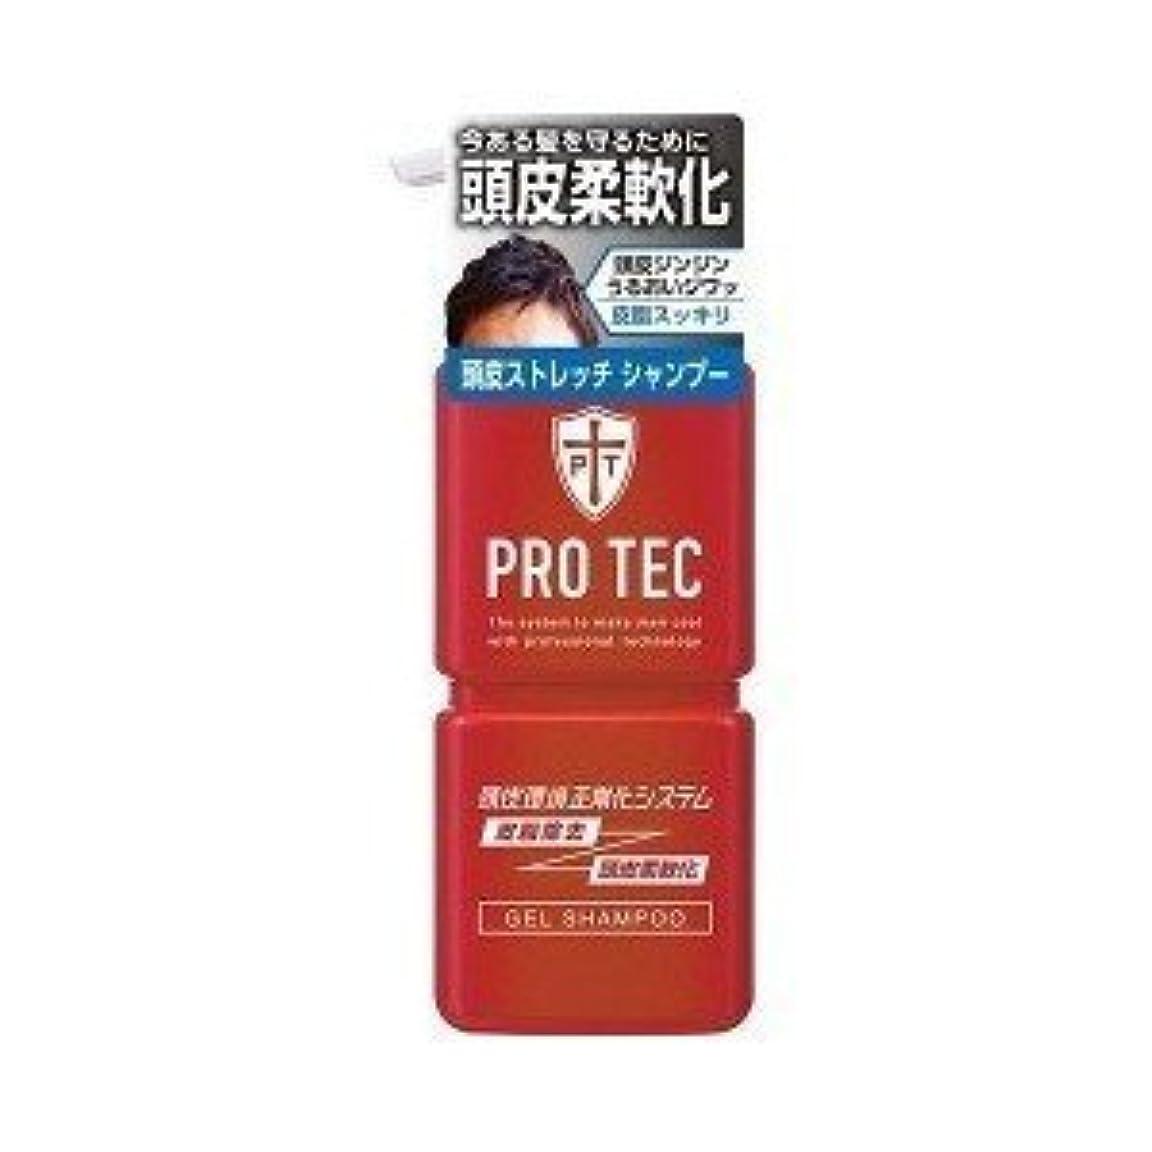 研究所考案する自分自身(ライオン)PRO TEC(プロテク) 頭皮ストレッチ シャンプー ポンプ 300g(医薬部外品)